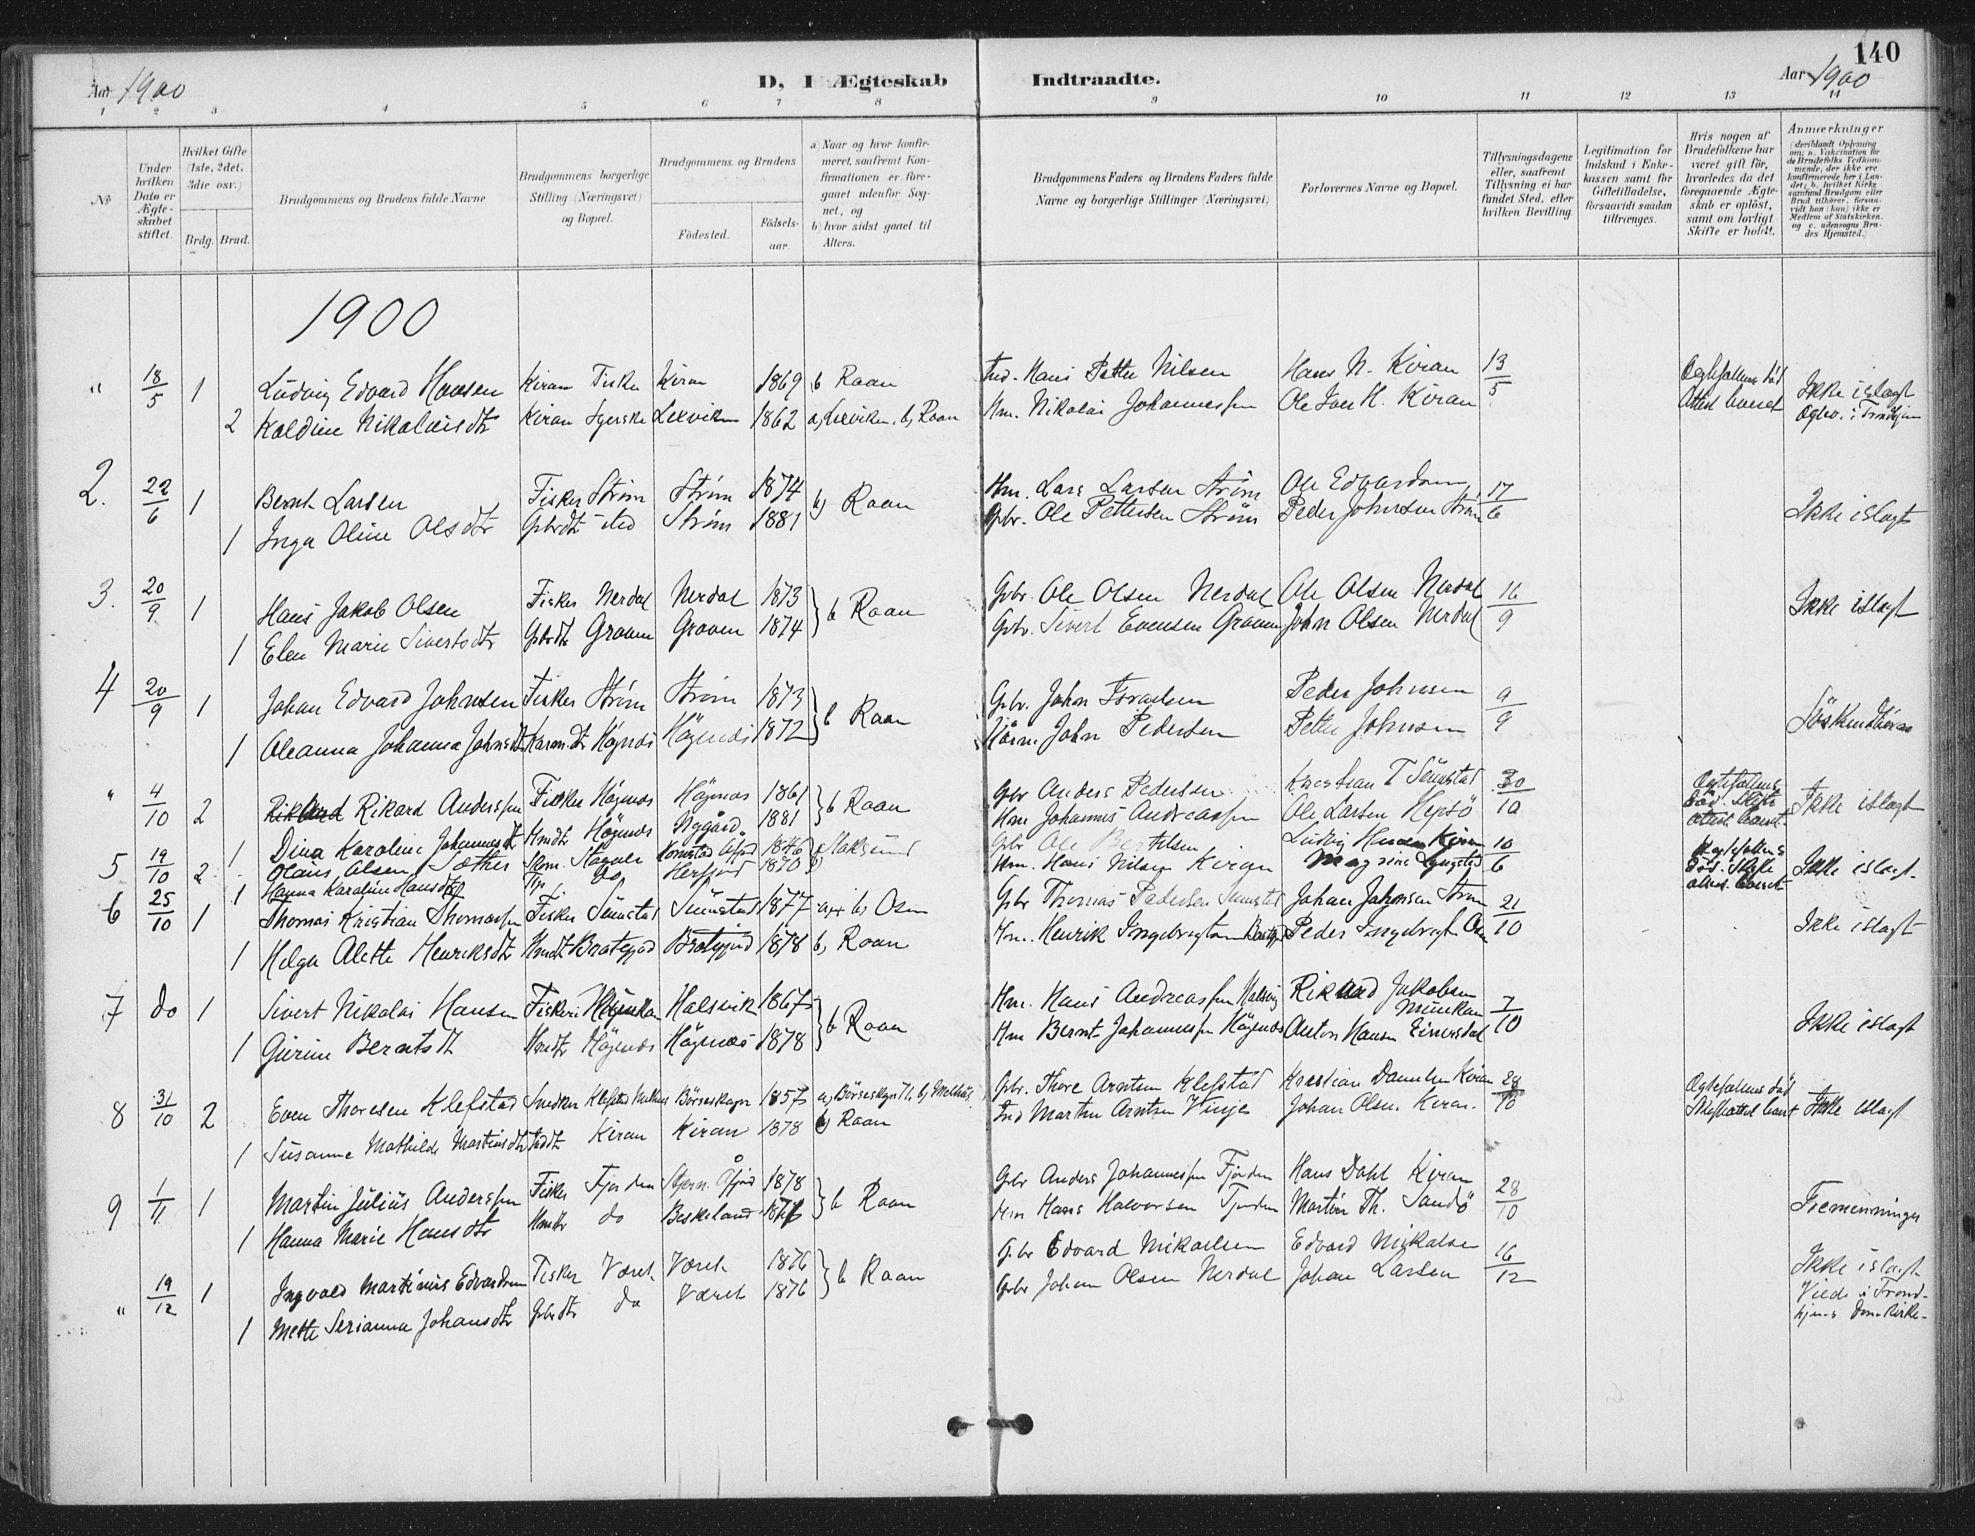 SAT, Ministerialprotokoller, klokkerbøker og fødselsregistre - Sør-Trøndelag, 657/L0708: Ministerialbok nr. 657A09, 1894-1904, s. 140